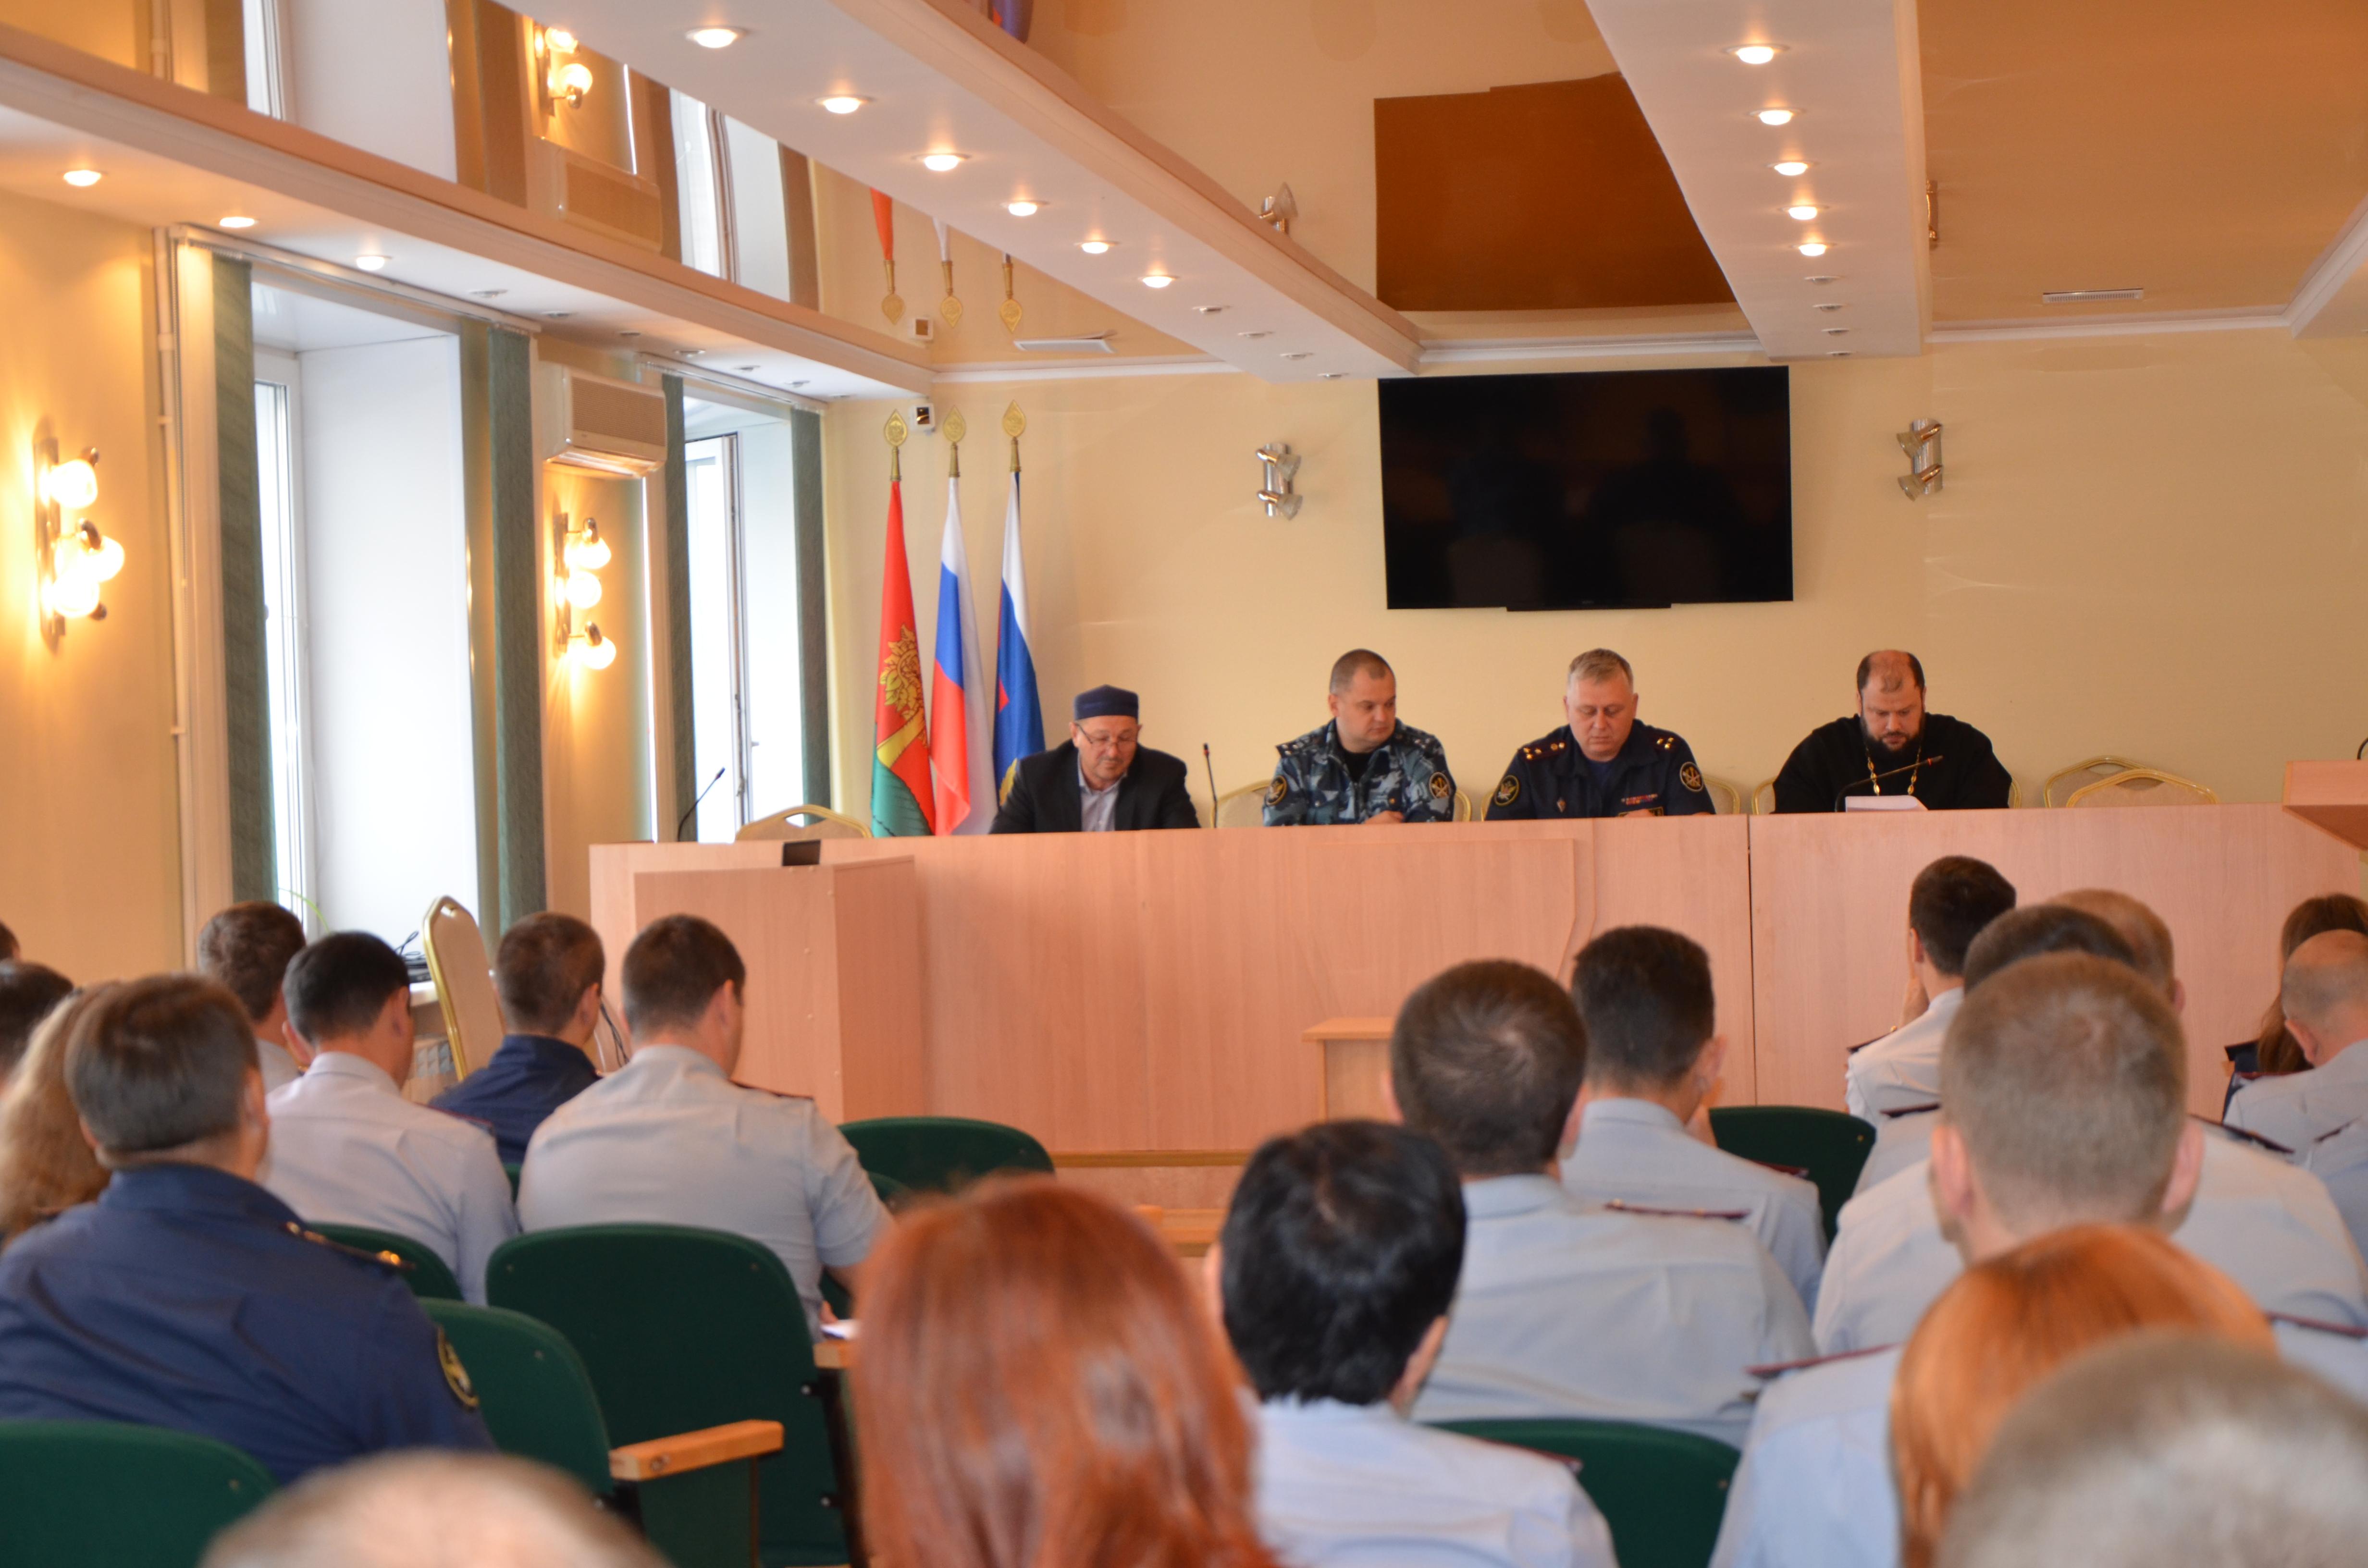 В УФСИН России по Липецкой области состоялись учебно-методические сборы с сотрудниками воспитательной и оперативной служб исправительных учреждений области